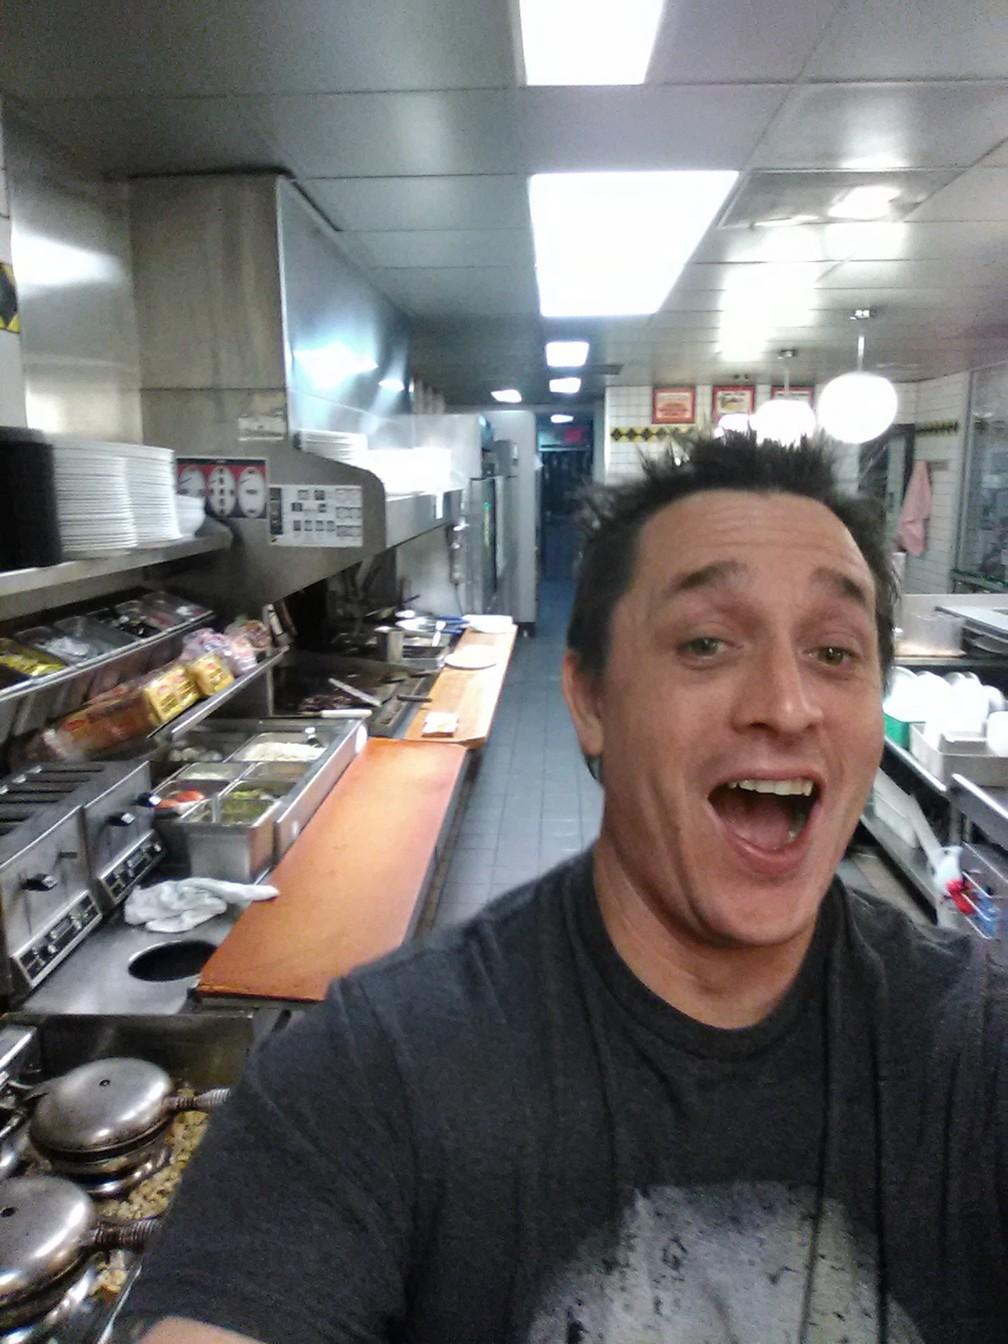 Freguês vai a lanchonete, vê funcionário dormindo e cozinha seu próprio sanduíche nos EUA (Foto: Alex Bowen/Facebook)